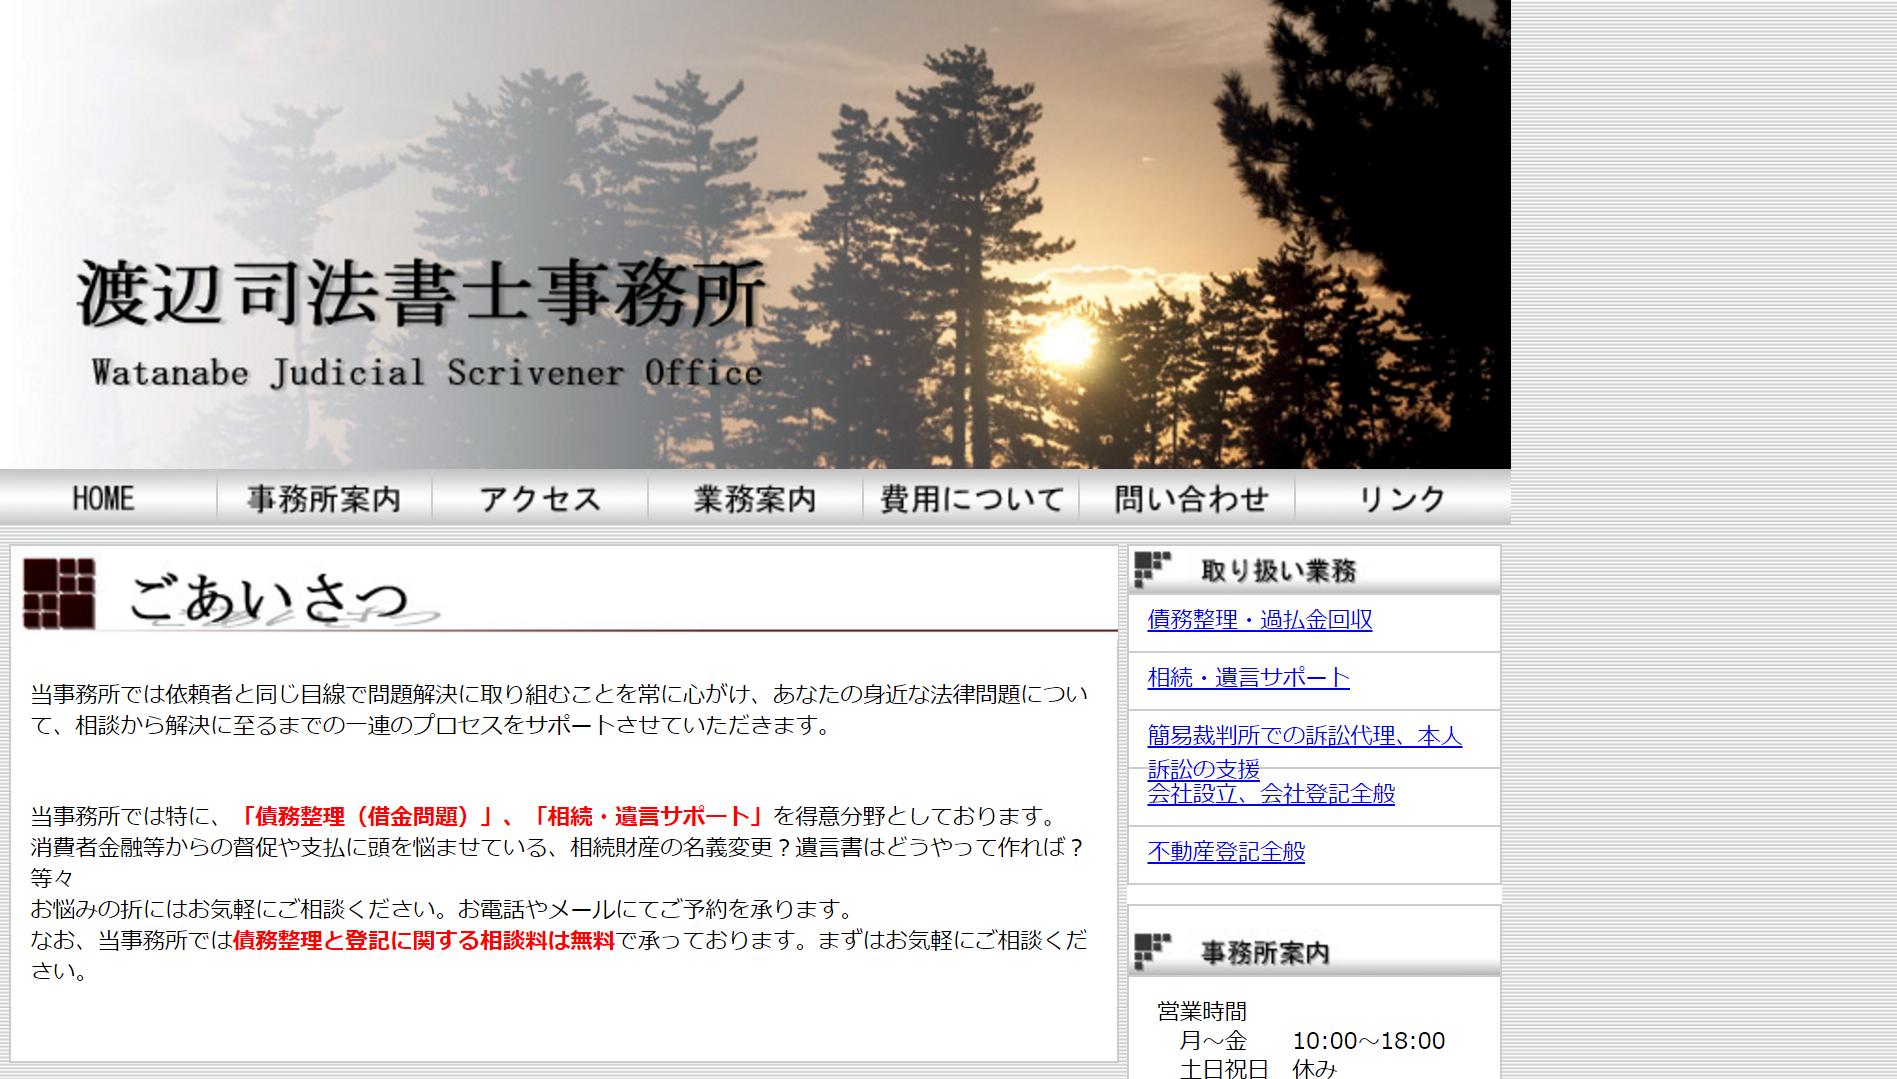 渡辺司法書士事務所